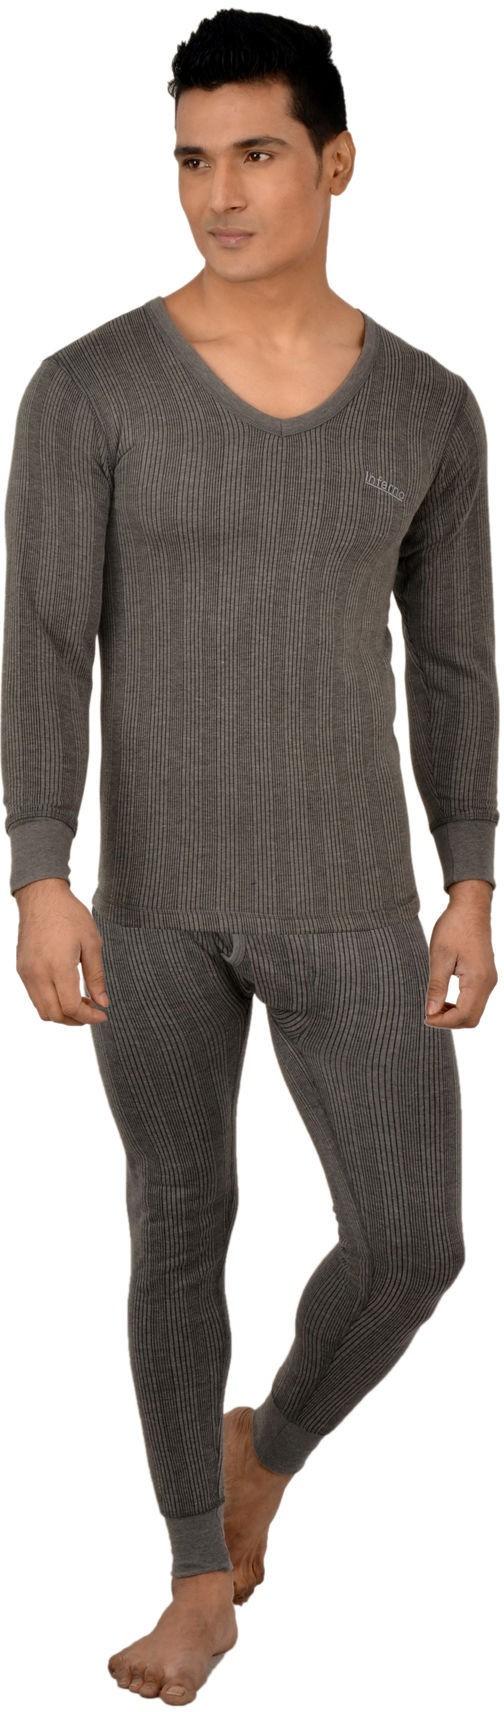 Lux Inferno Charcoal Melange Full Sleeves V- Neck Mens Top - Pyjama Set